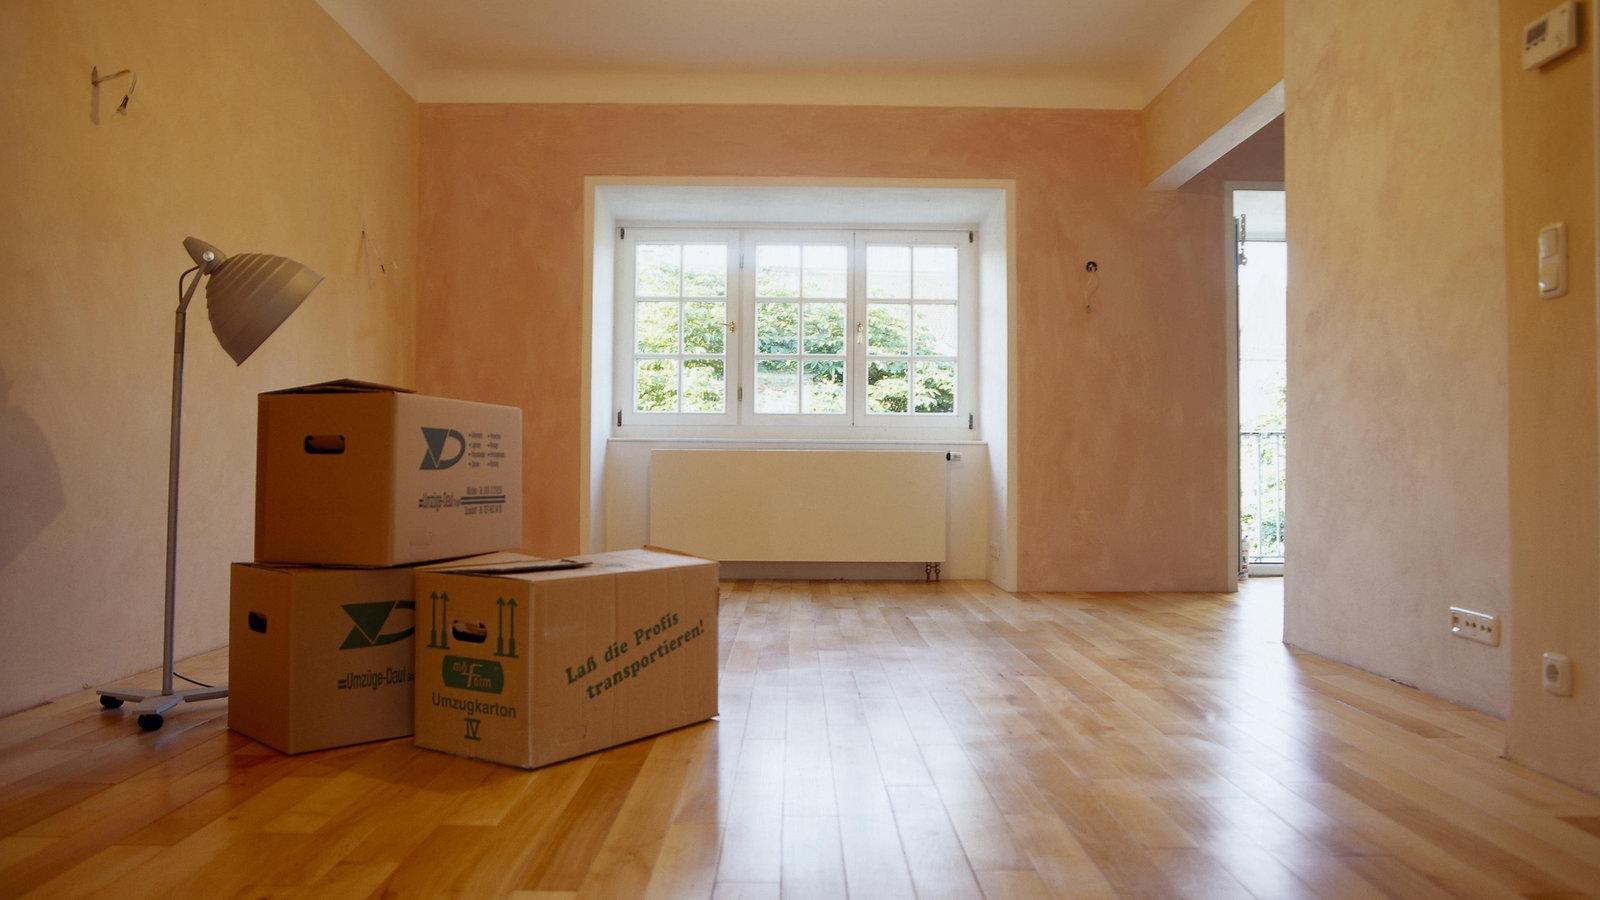 weniger ist mehr wie entr mpeln die seele befreit planet wissen. Black Bedroom Furniture Sets. Home Design Ideas